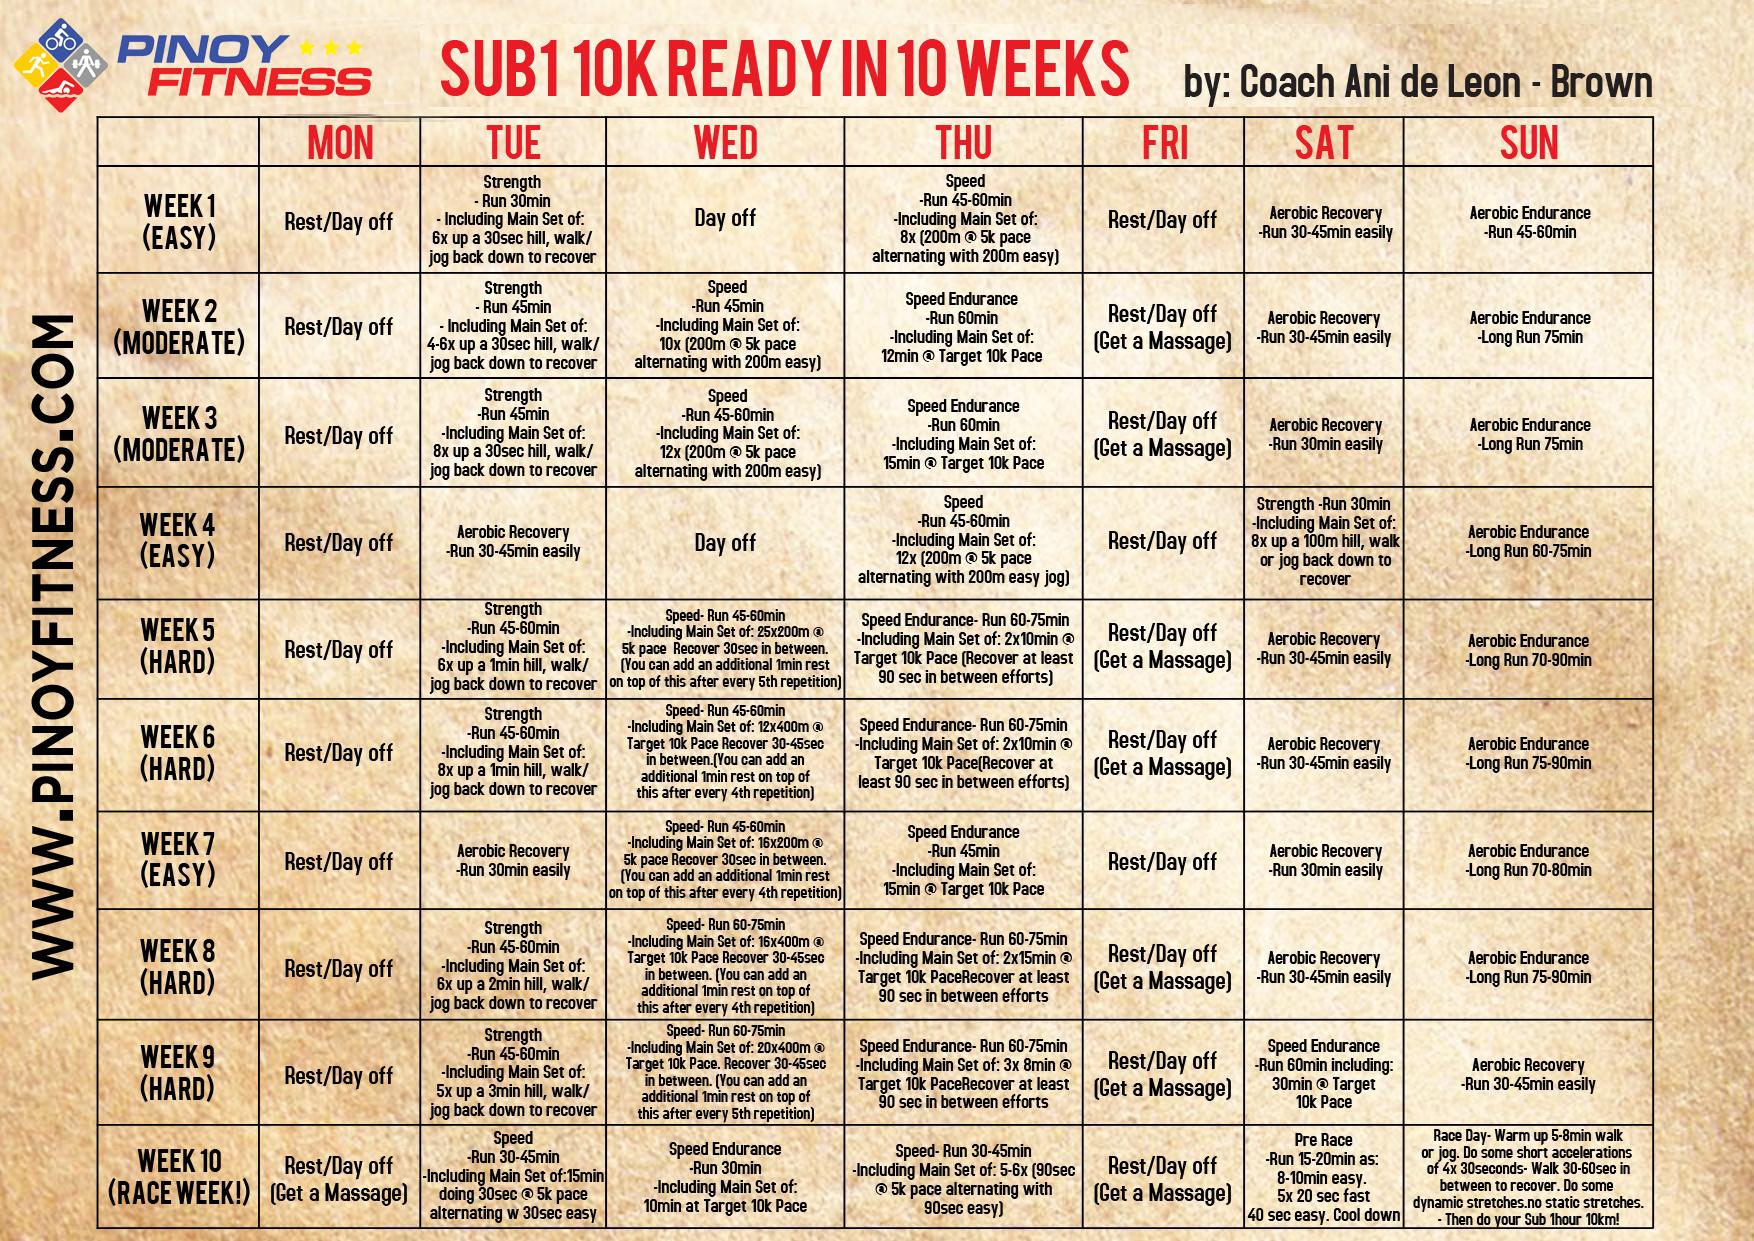 pf-sub1-ready-10-weeks